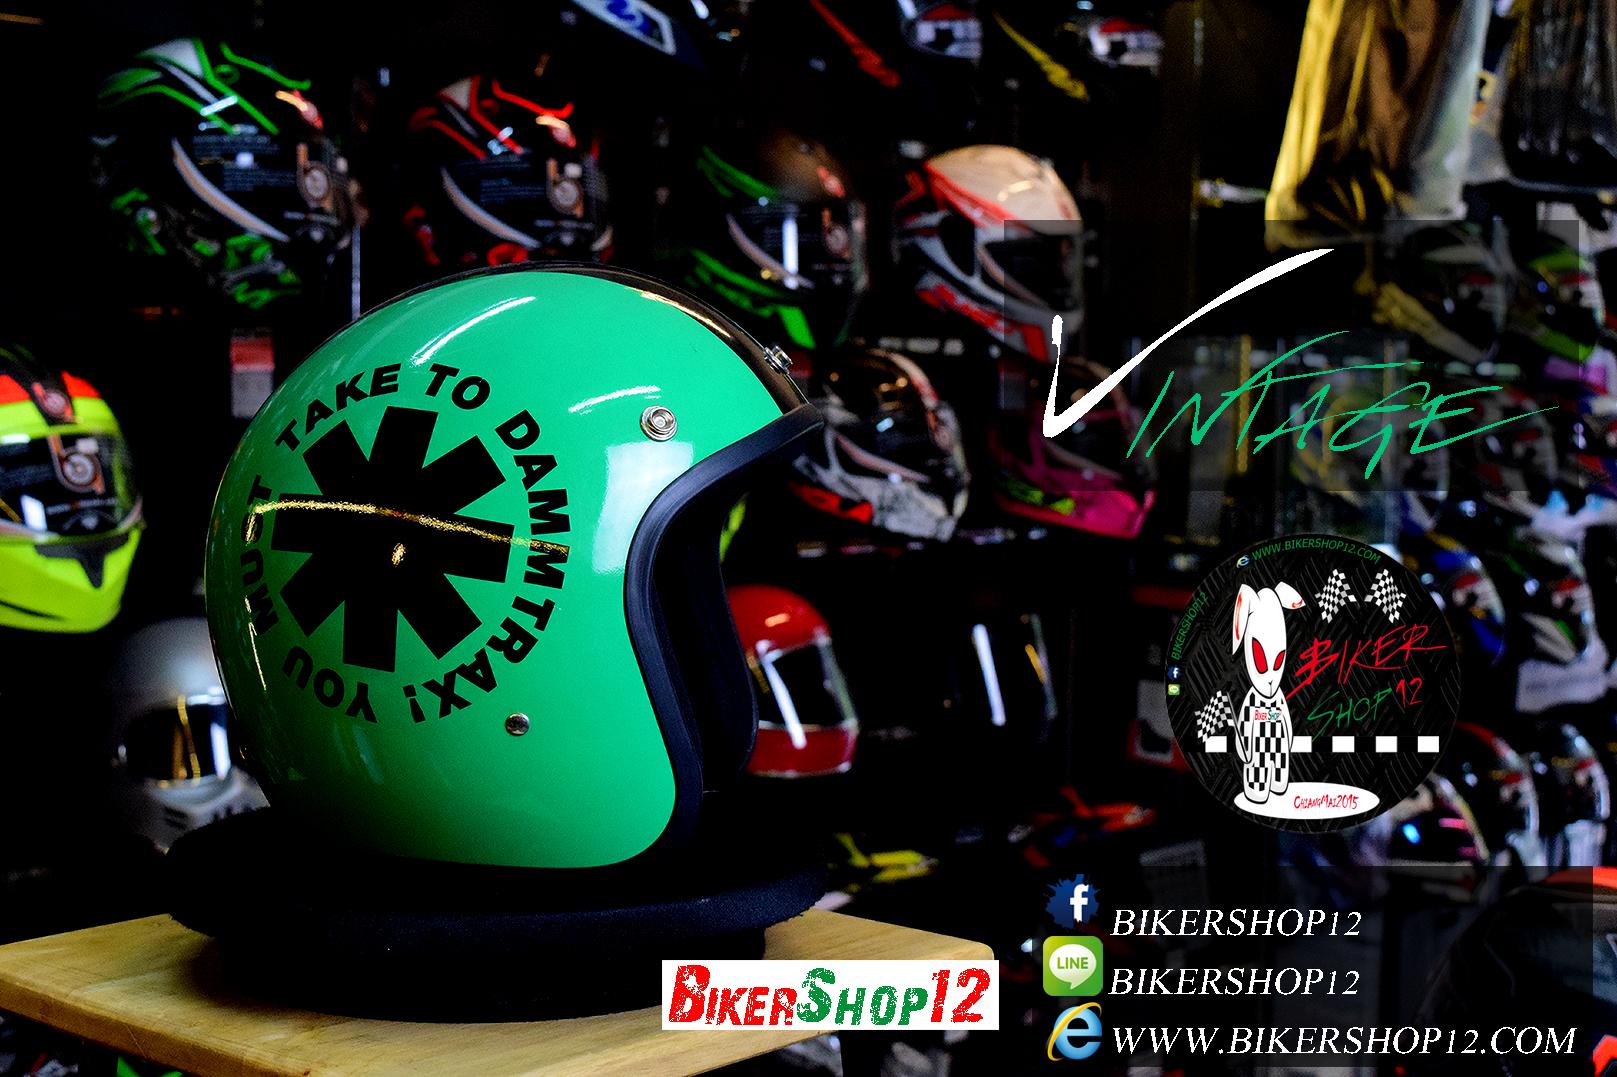 หมวกกันน็อคคลาสสิก 5เป๊ก สีเขียวอ่อนลายดำ (LB Speed Wheel)